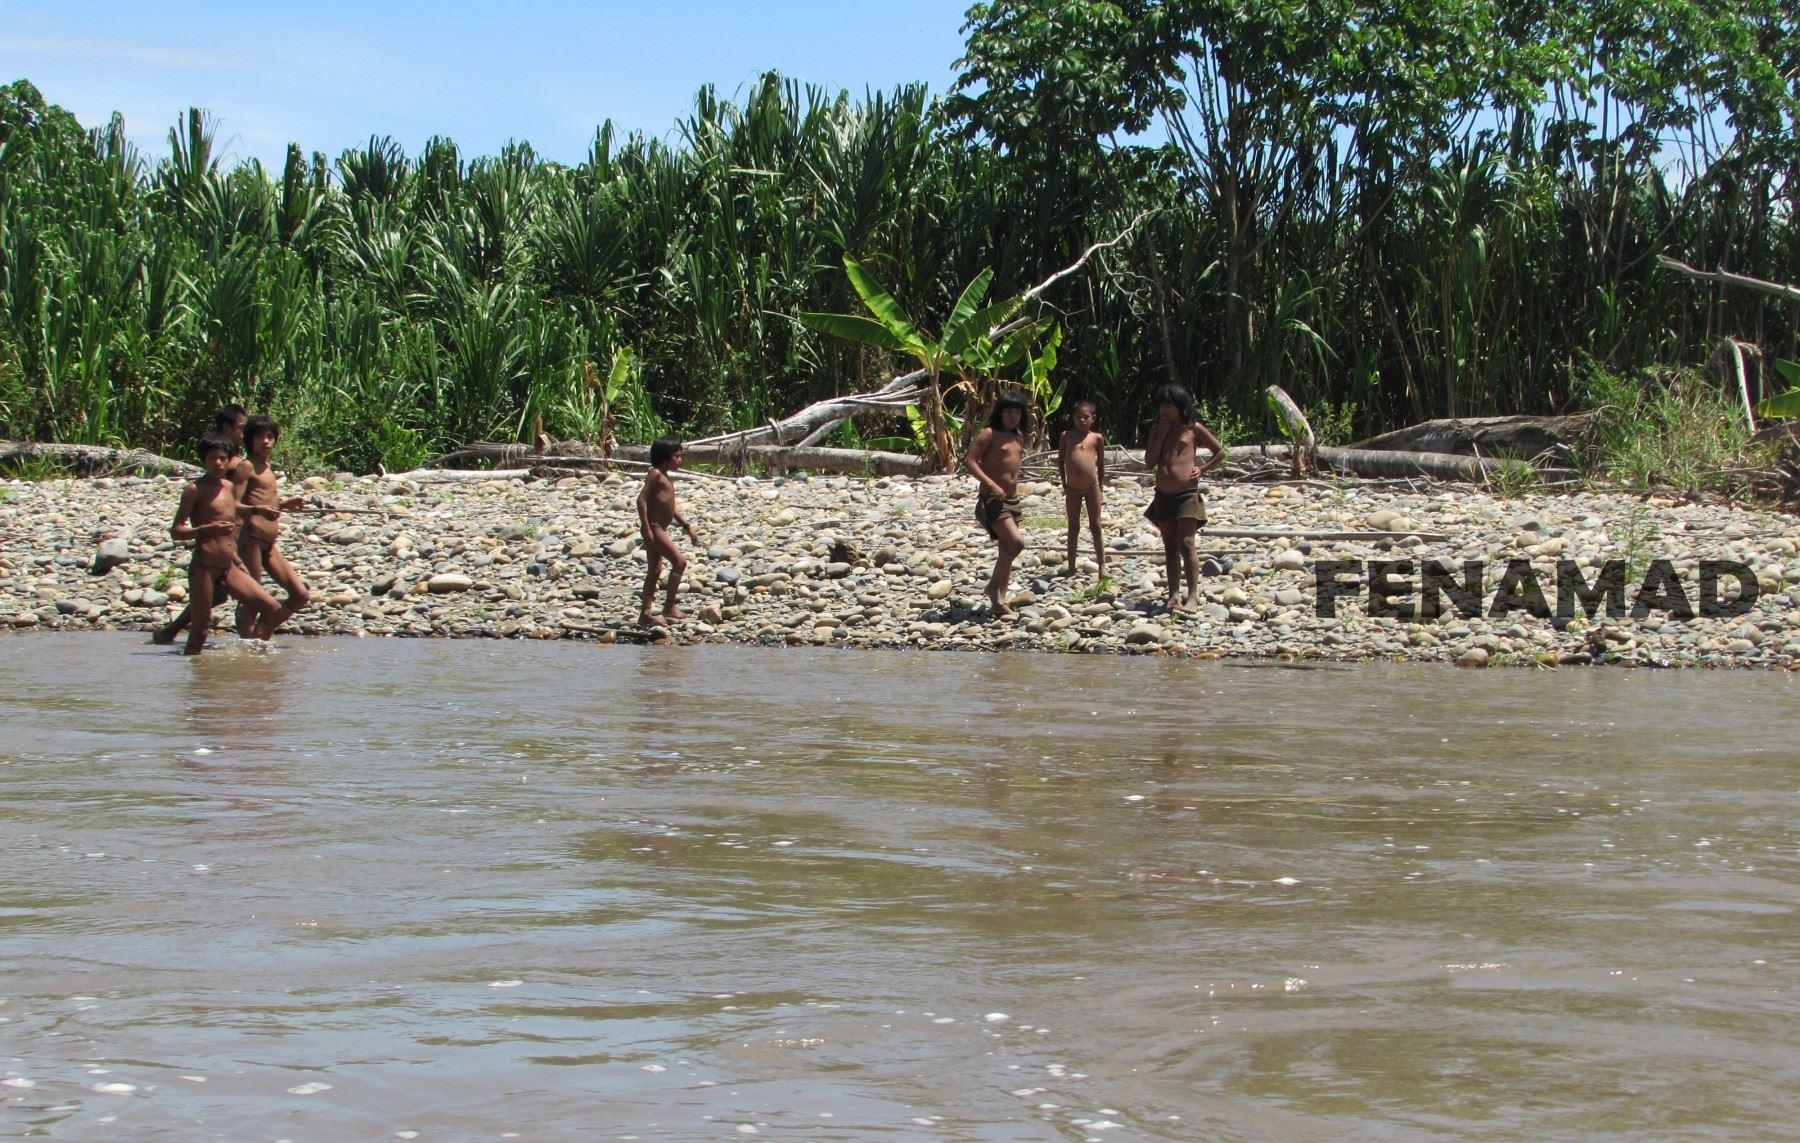 Hace 10 años: Plan Nacional para proteger indígenas en aislamiento aún no es aprobado